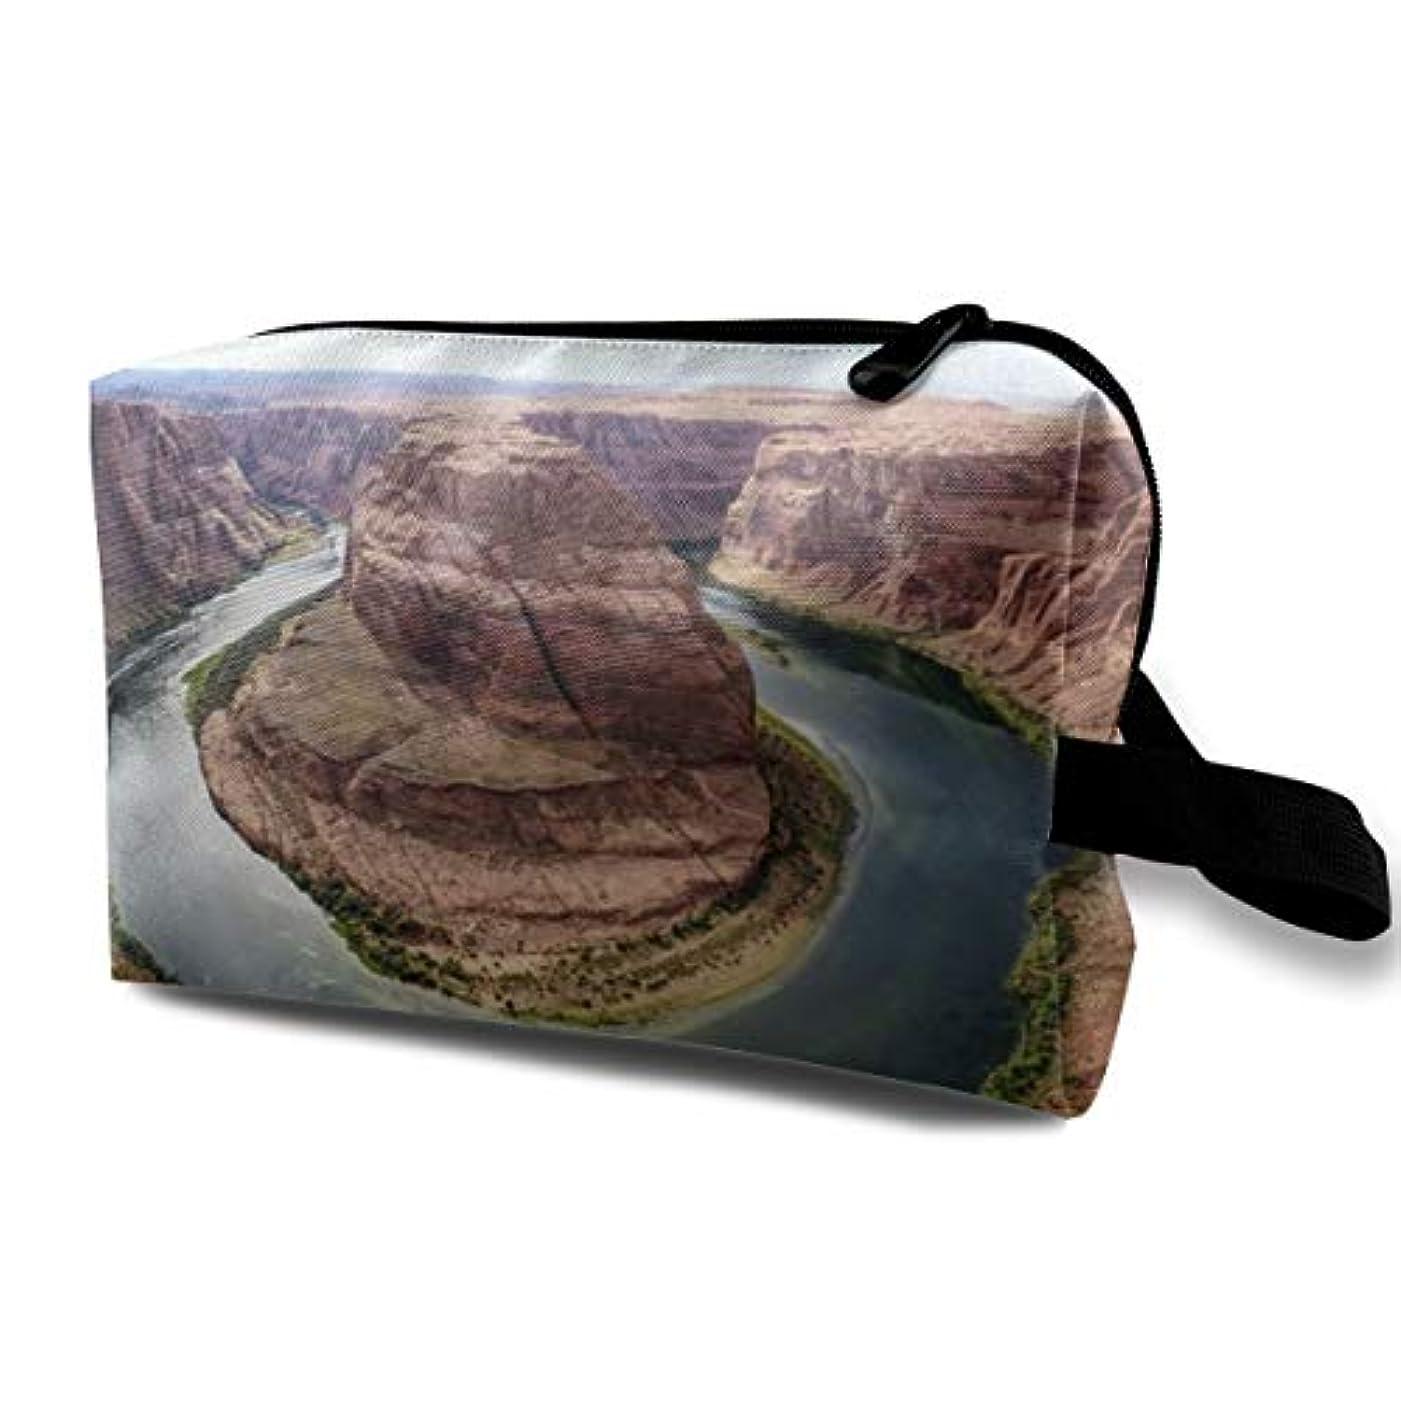 スイましい太平洋諸島Horseshoe Bend In Grand Canyon 収納ポーチ 化粧ポーチ 大容量 軽量 耐久性 ハンドル付持ち運び便利。入れ 自宅?出張?旅行?アウトドア撮影などに対応。メンズ レディース トラベルグッズ